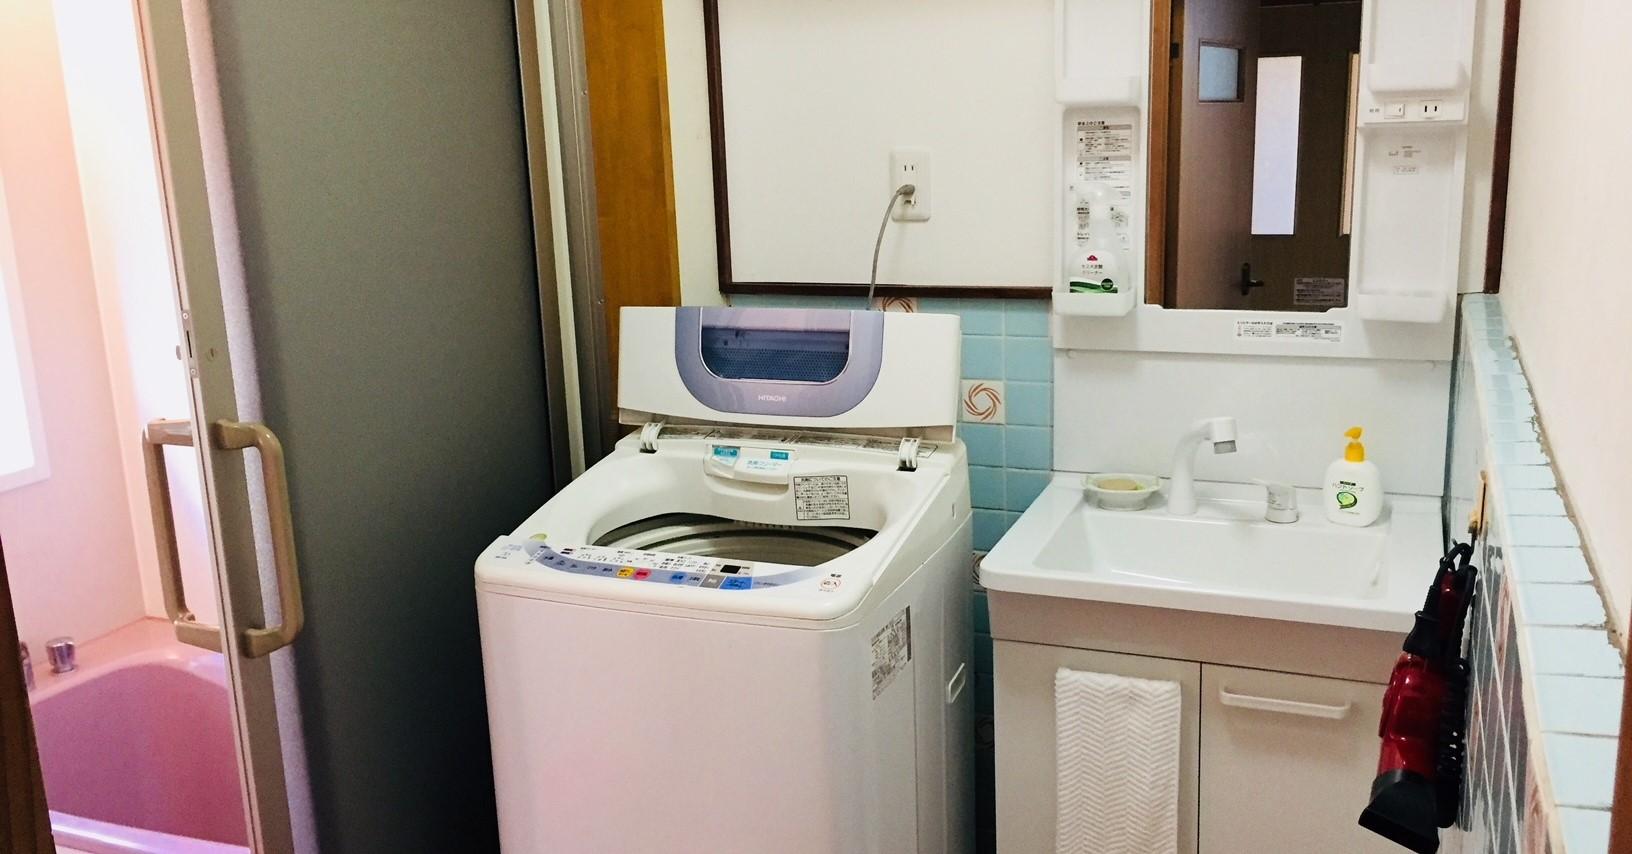 洗濯して、お風呂でくつろいで…日常と同じ生活ができます。